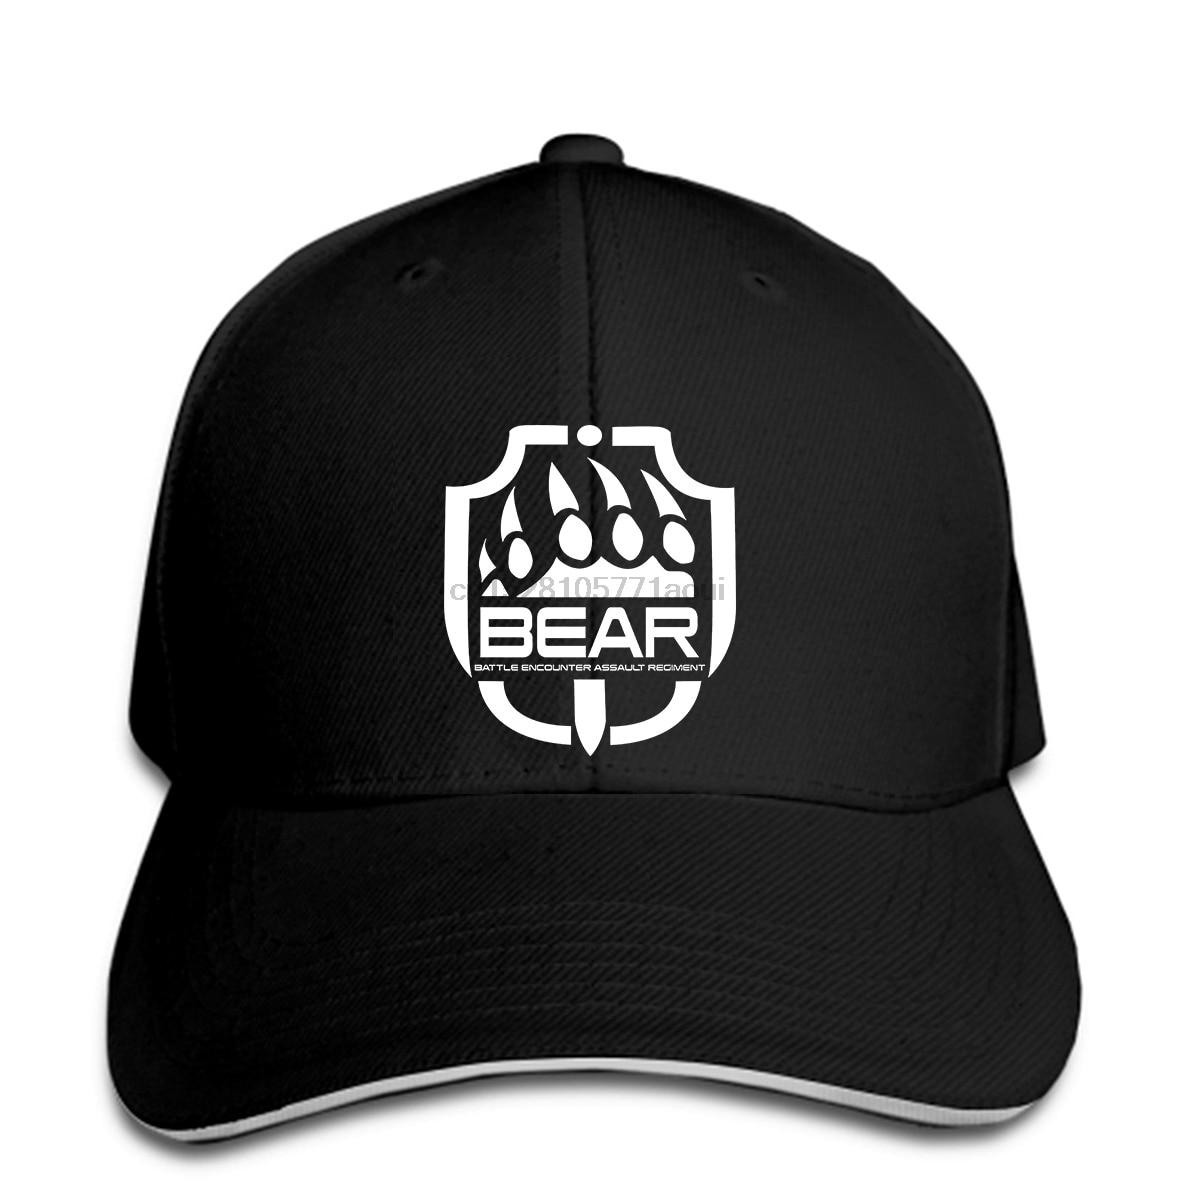 Baseball cap Escape from Tarkov BEAR NEW hat(China)